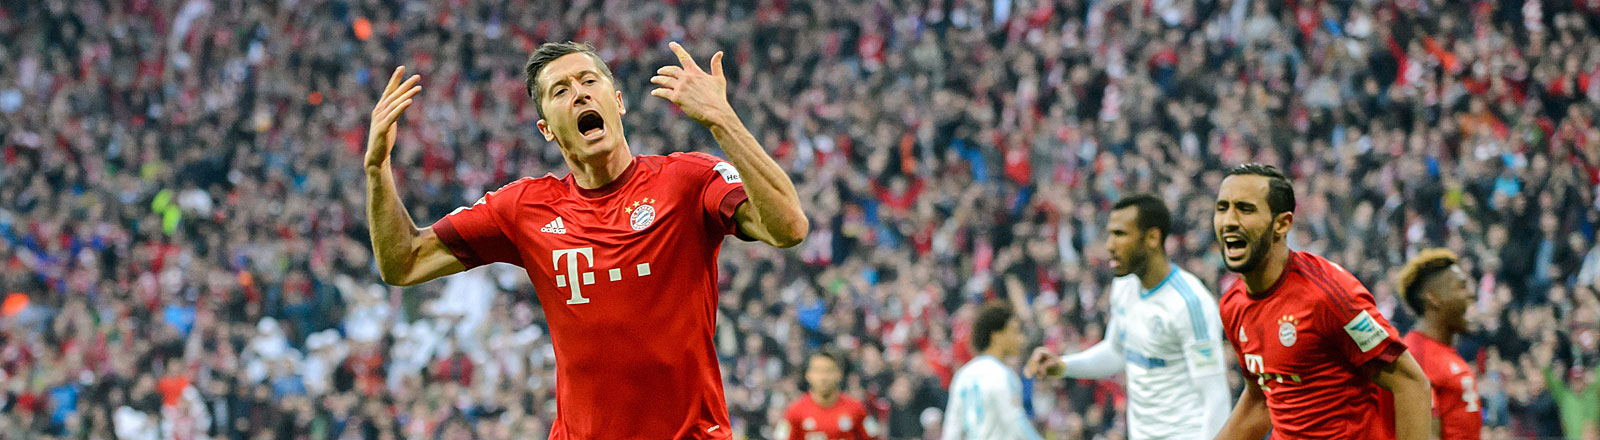 Lewandowski jubelt für Bayern München